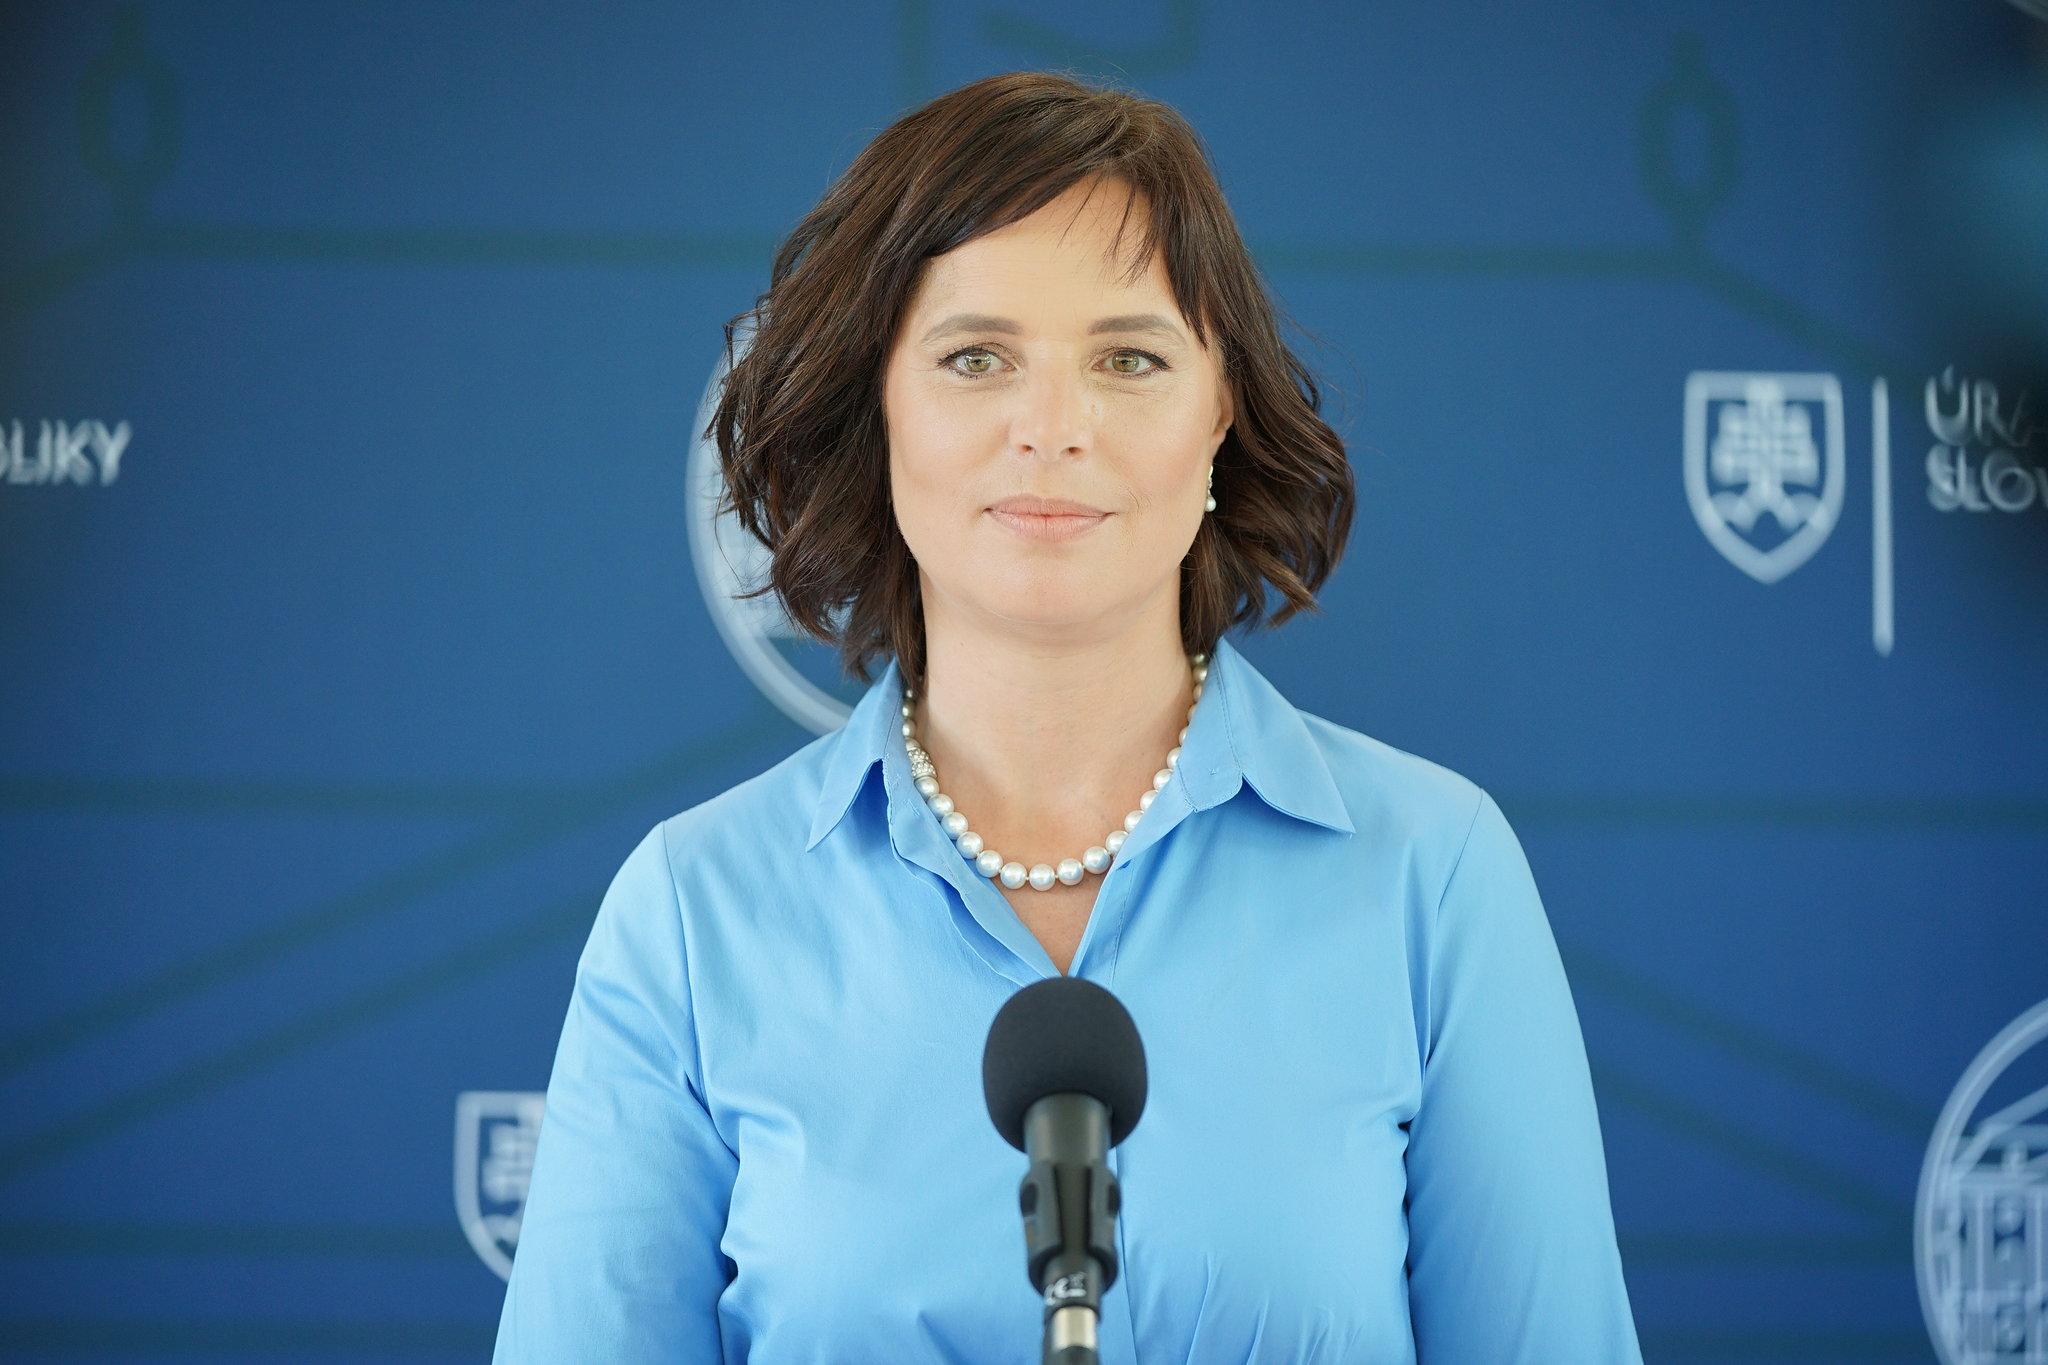 Vicepremiérka Remišová ku Dňu Zeme: Zelená ekonomika je pre Slovensko príležitosťou, ktorú musí využiť